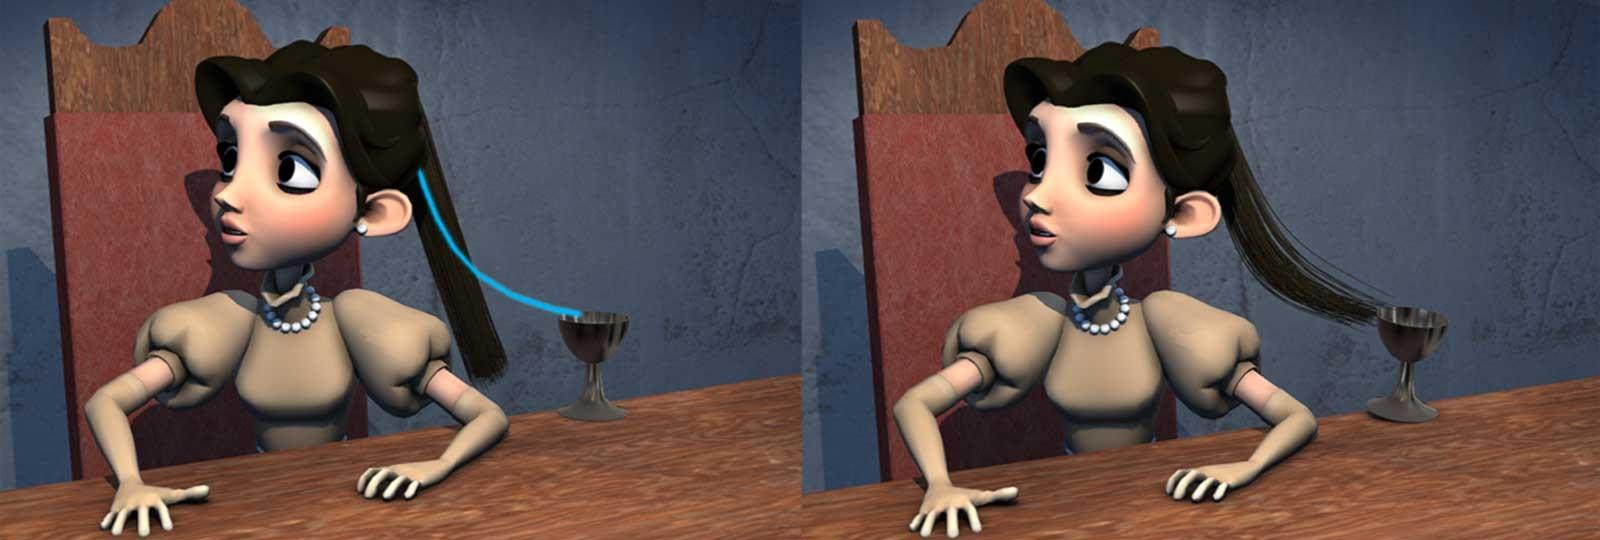 Дисней представила собственную систему анимации волос HairControl - 1